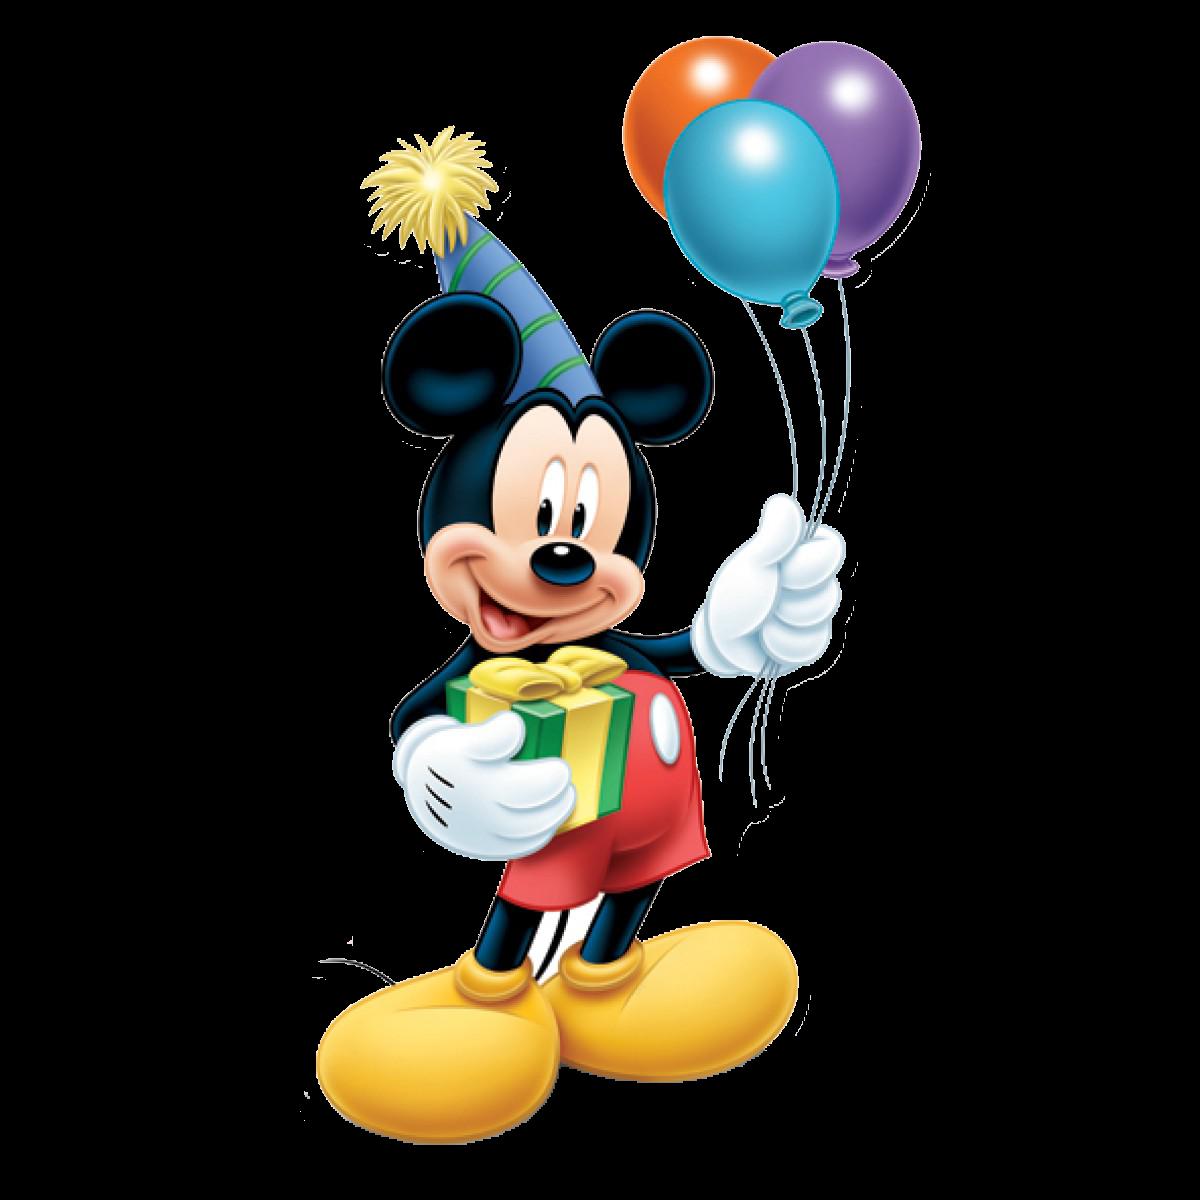 Микки маус картинка с днем рождения